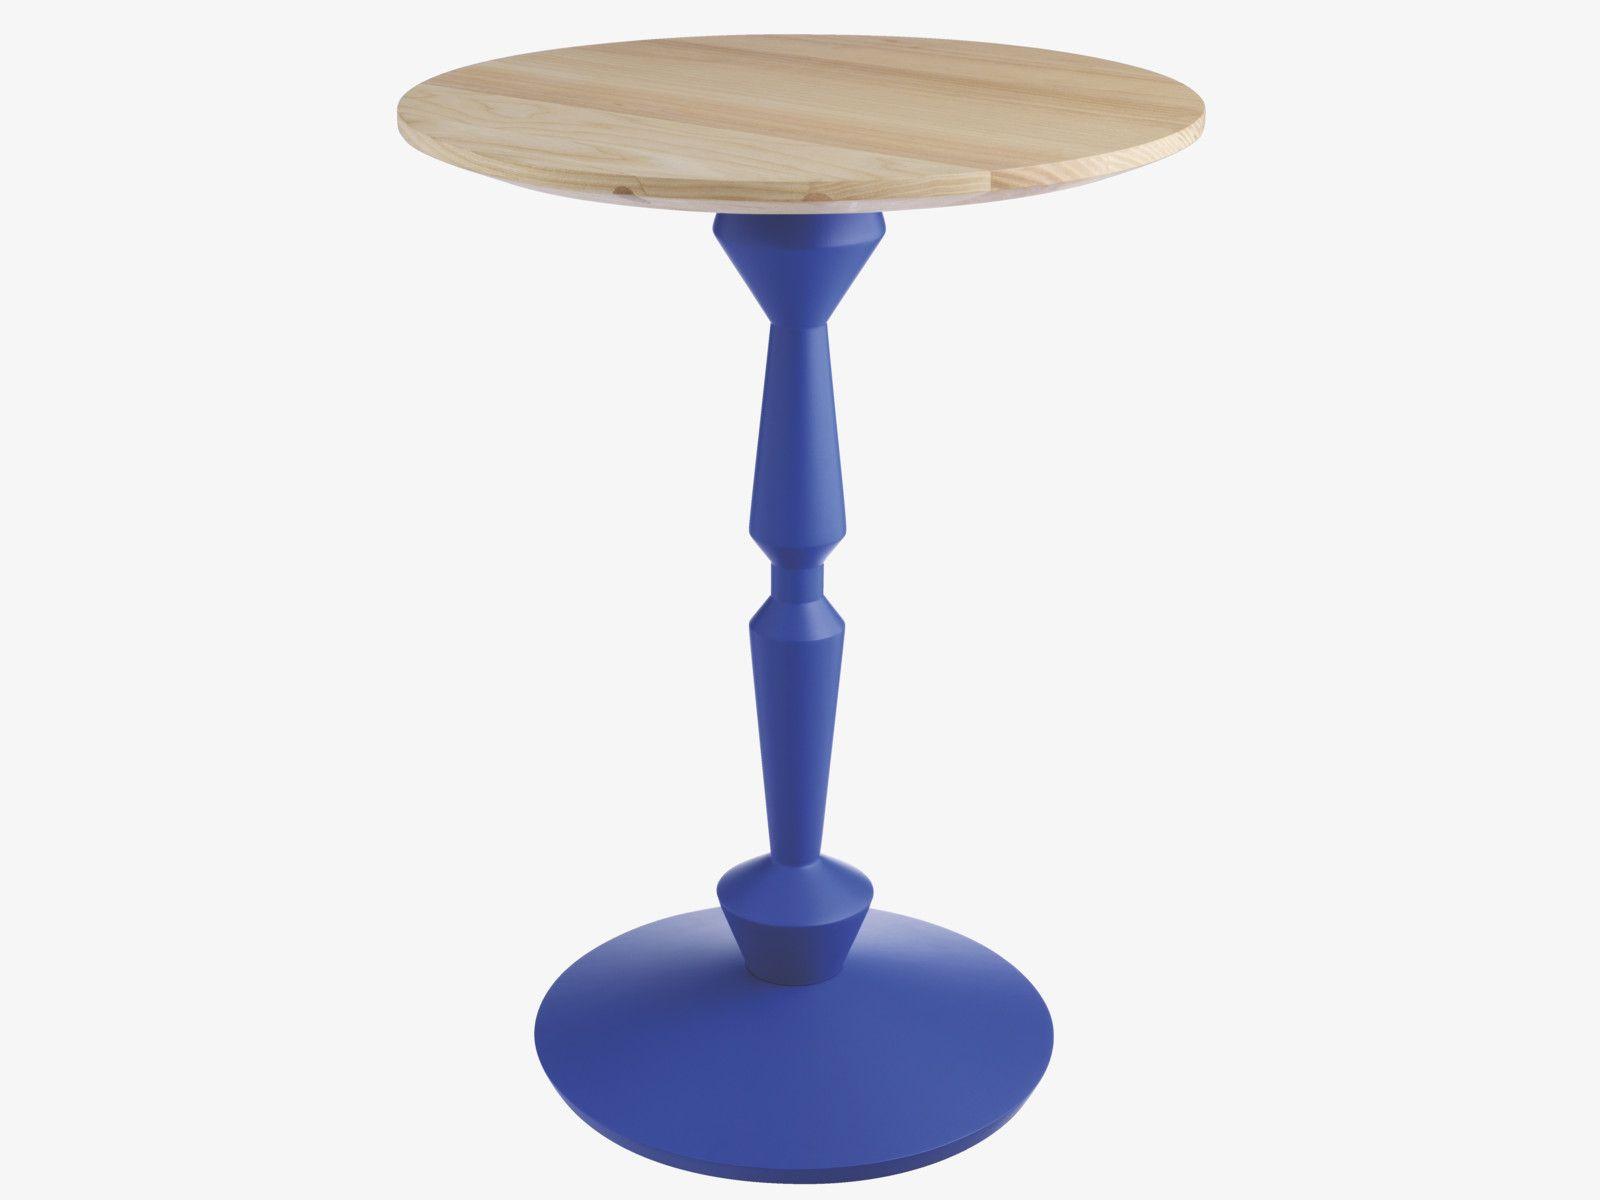 Pedro Blues Wood Tall Blue Spindle Side Table Side Tables Habitatuk